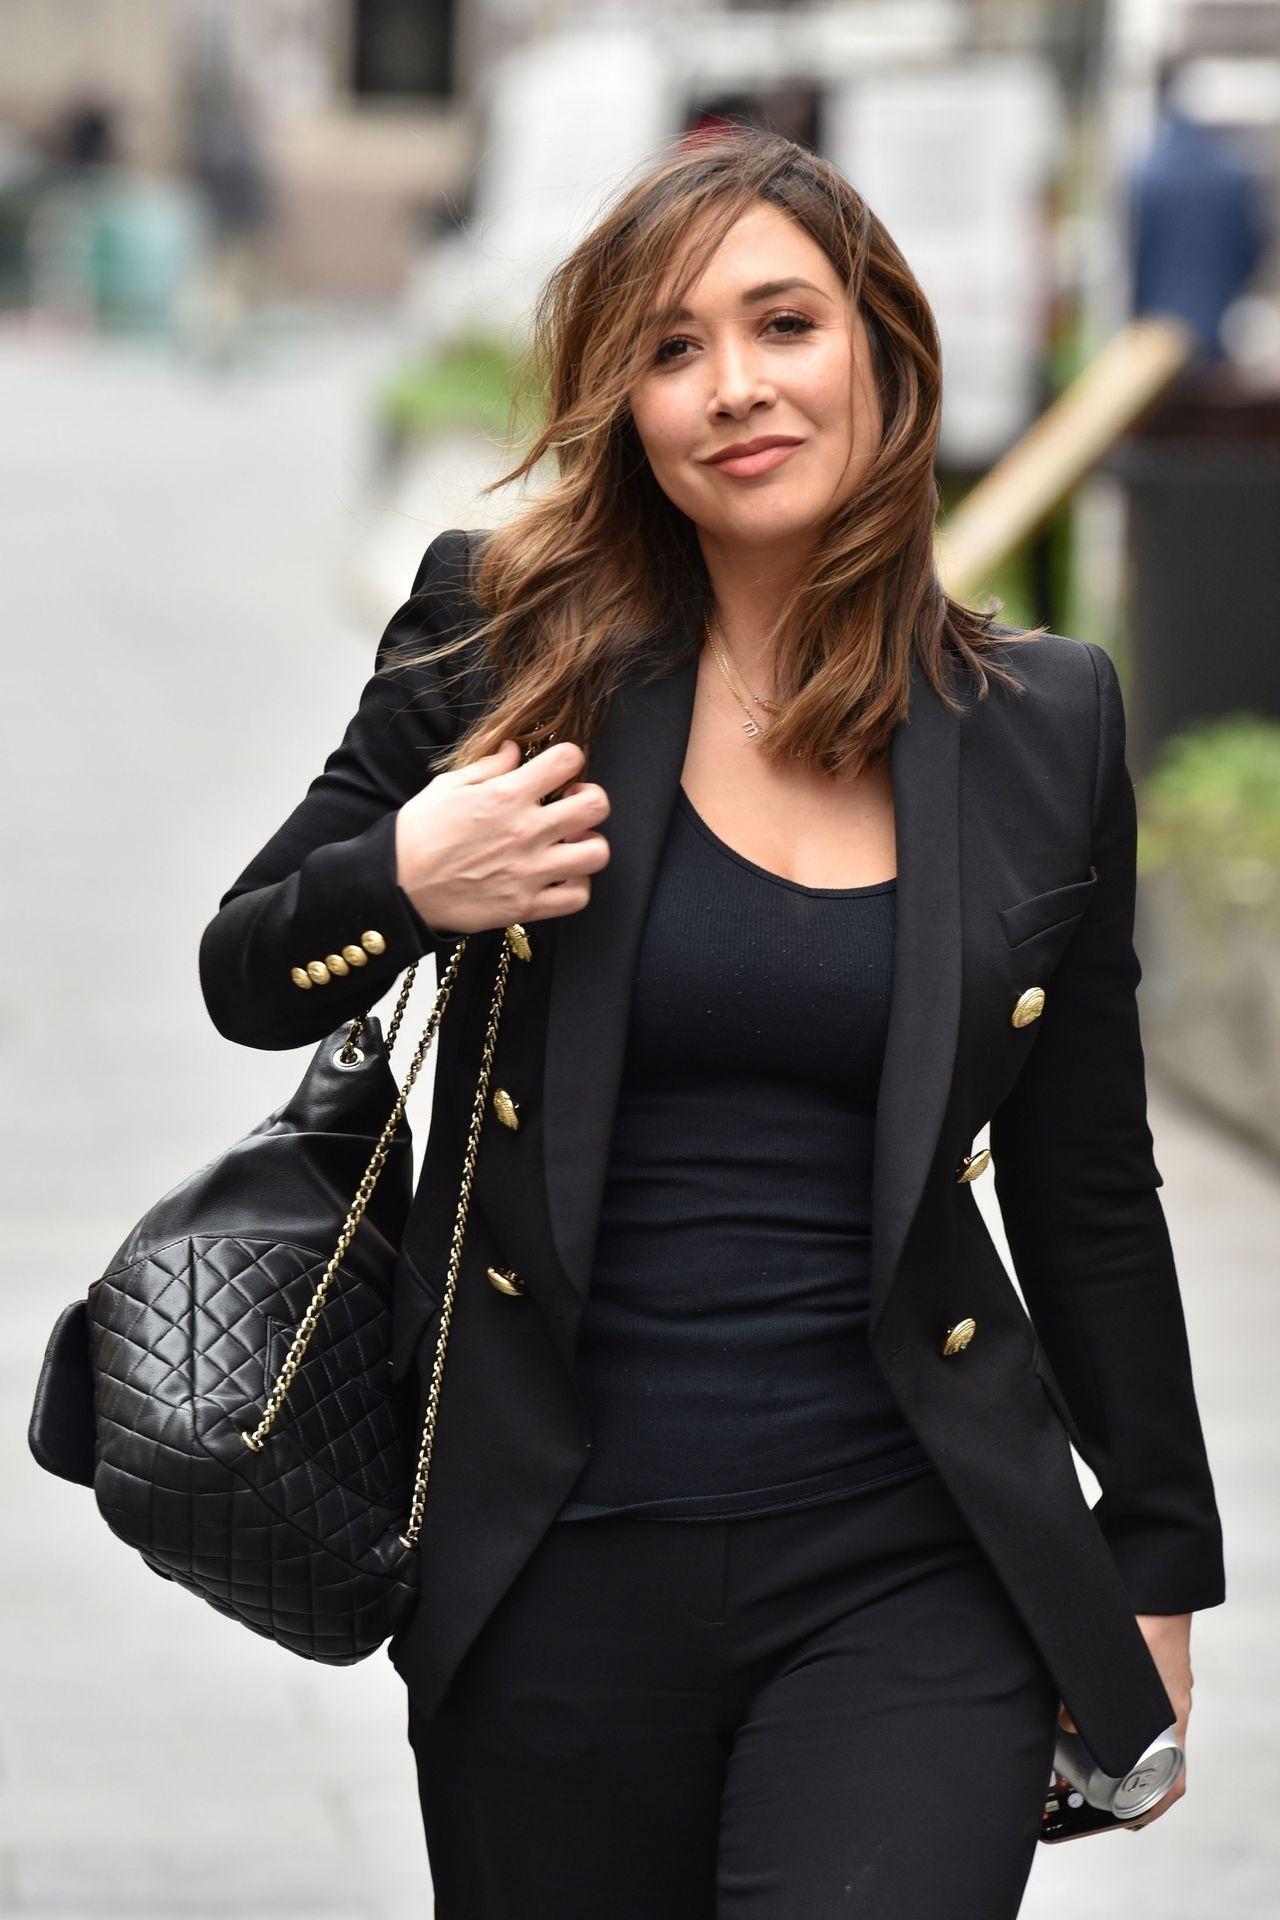 Myleene Klass Looks Hot In All Black In London 0001